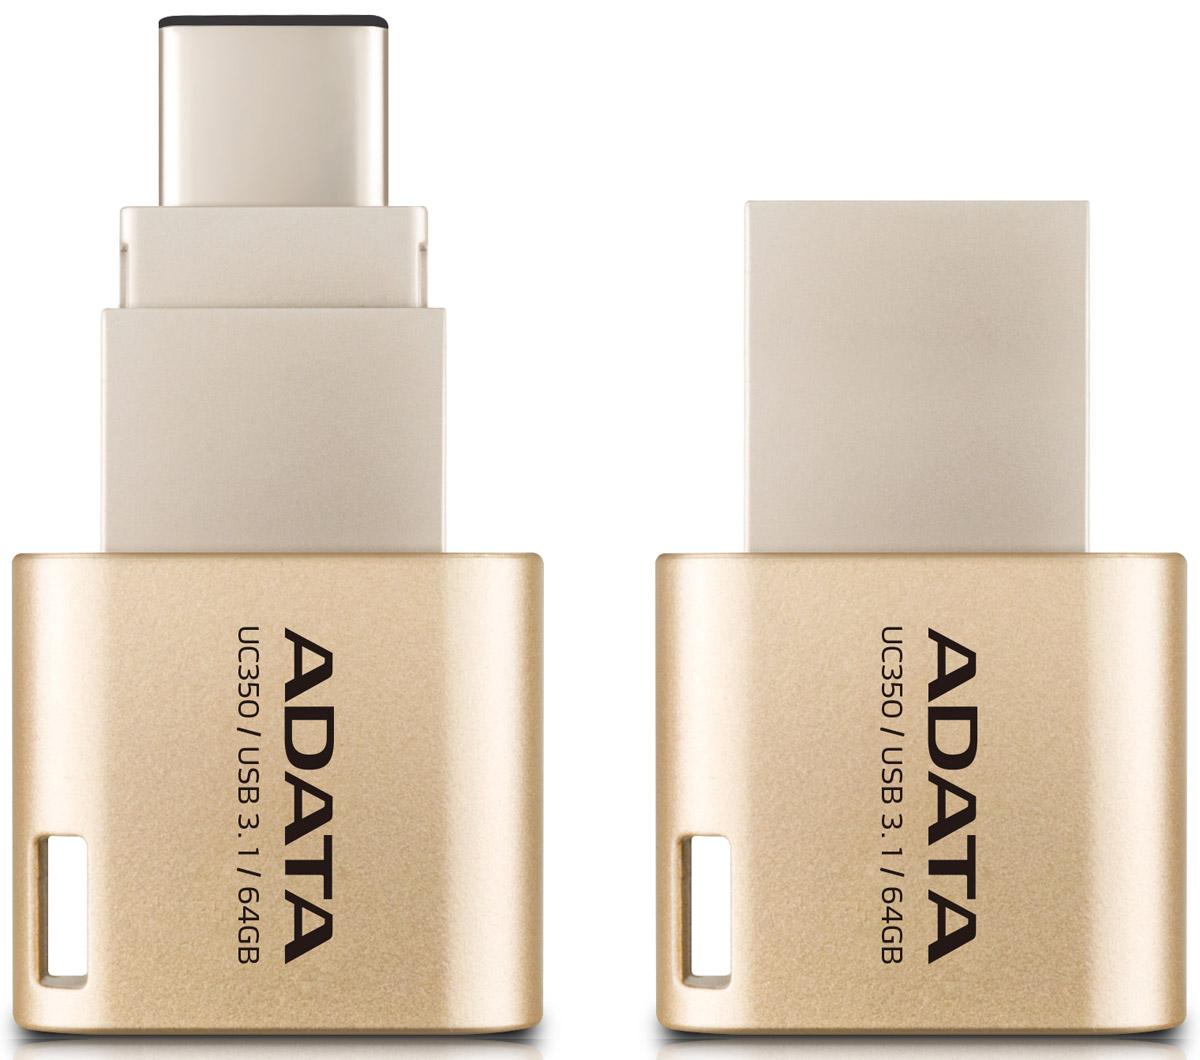 ADATA UC350 64GB, Gold USB-накопитель23531ADATA представляет флэш-накопитель UC350 нового поколения с двумя стандартными разъемами, который гарантирует существенное улучшение двух важнейших характеристик - производительности и удобства хранения данных. Интерфейс USB 3.1 обеспечивает высочайшие скорости передачи, причем накопитель оснащен как обычным USB-разъемом, так и реверсивной вилкой USB типа C, так что вам не придется гадать при его подключении. Флэш-накопитель UC350 может использоваться с ПК, MacBook, устройствами iOS и Android, так что вы получаете действительно универсальный доступ к данным.Разъем USB-C делает жизнь прощеС USB типа C обмен данными становится намного удобней. Нам всем приходилось вертеть USB-разъемы, разбираясь, где тут верх, а где низ. Разъем USB-C - реверсивный, так что теперь гадать не придется. Подключать UC350 к устройствам можно не глядя.U означает - универсальныйУниверсальность - огромное преимущество разъема USB-C, который позволяет использовать компактную и сверхлегкую флэшку UC350 с самыми разными устройствами. Теперь перемещение файлов, снимков, видео и другого контента между компьютерами с Mac OS и Windows, устройствами iOS и Android, стало максимально простым и удобным.Обмен данными с высочайшей скоростьюUC350 предлагает действительно впечатляющие скорости передачи благодаря интерфейсу USB 3.1. Чтение - до 100 MB/s, запись - до 30 MB/s, это приблизительно в два раза выше скорости интерфейса USB 3.0. Вы можете перенести все содержимое 50 ГБ диска Blu-ray буквально за 40 секунд, причем сохраняется полная совместимость с USB 2.0/USB 3.0. UC350 сочетает удобство разъема USB-C и скорость USB 3.1: самая выигрышная комбинация.Мгновенный доступ к большей емкости памятиНеплохо, что устройства - от смартфонов до ультрабуков - становятся все тоньше и легче, однако часто - за счет внутренней памяти. Нужен больший объем? UC350 емкостью до 64 ГБ даст вам столько дополнительной памяти для работы и развлечений, сколько потребуется.Универсальное 